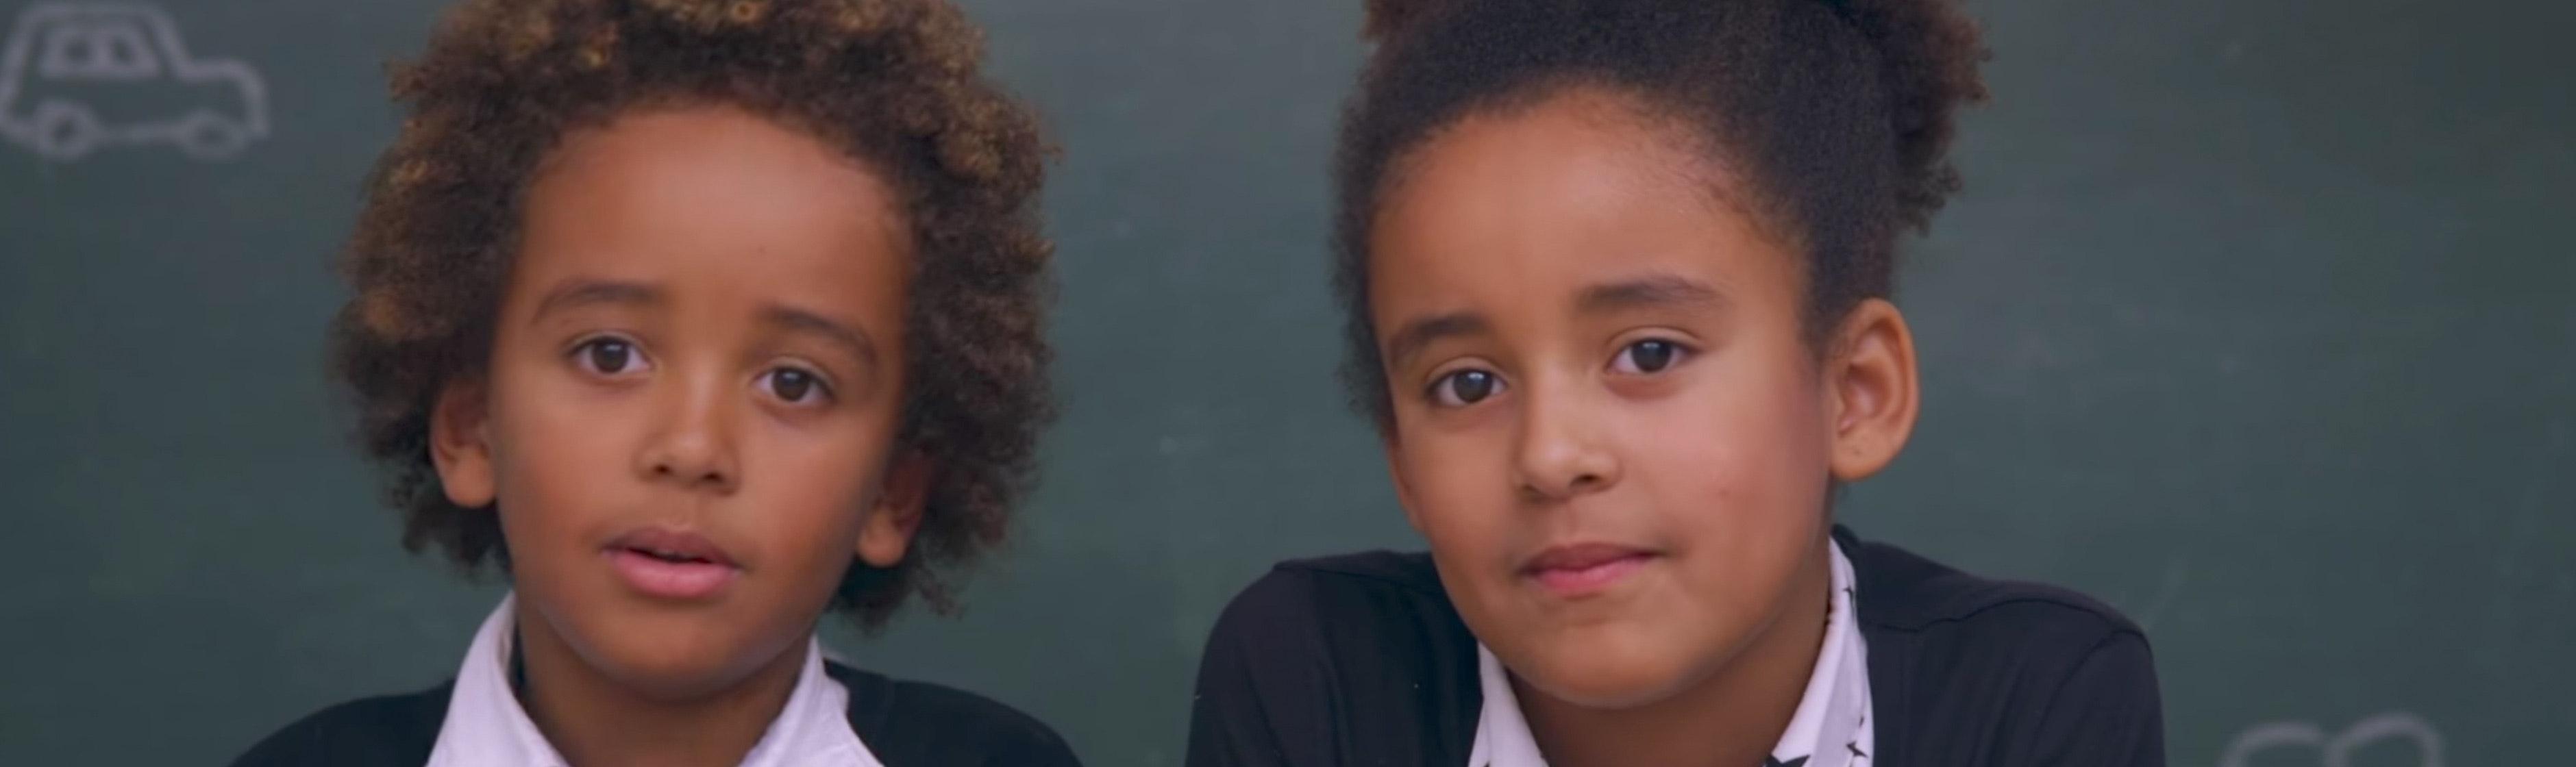 Kinderen praten over hypotheken